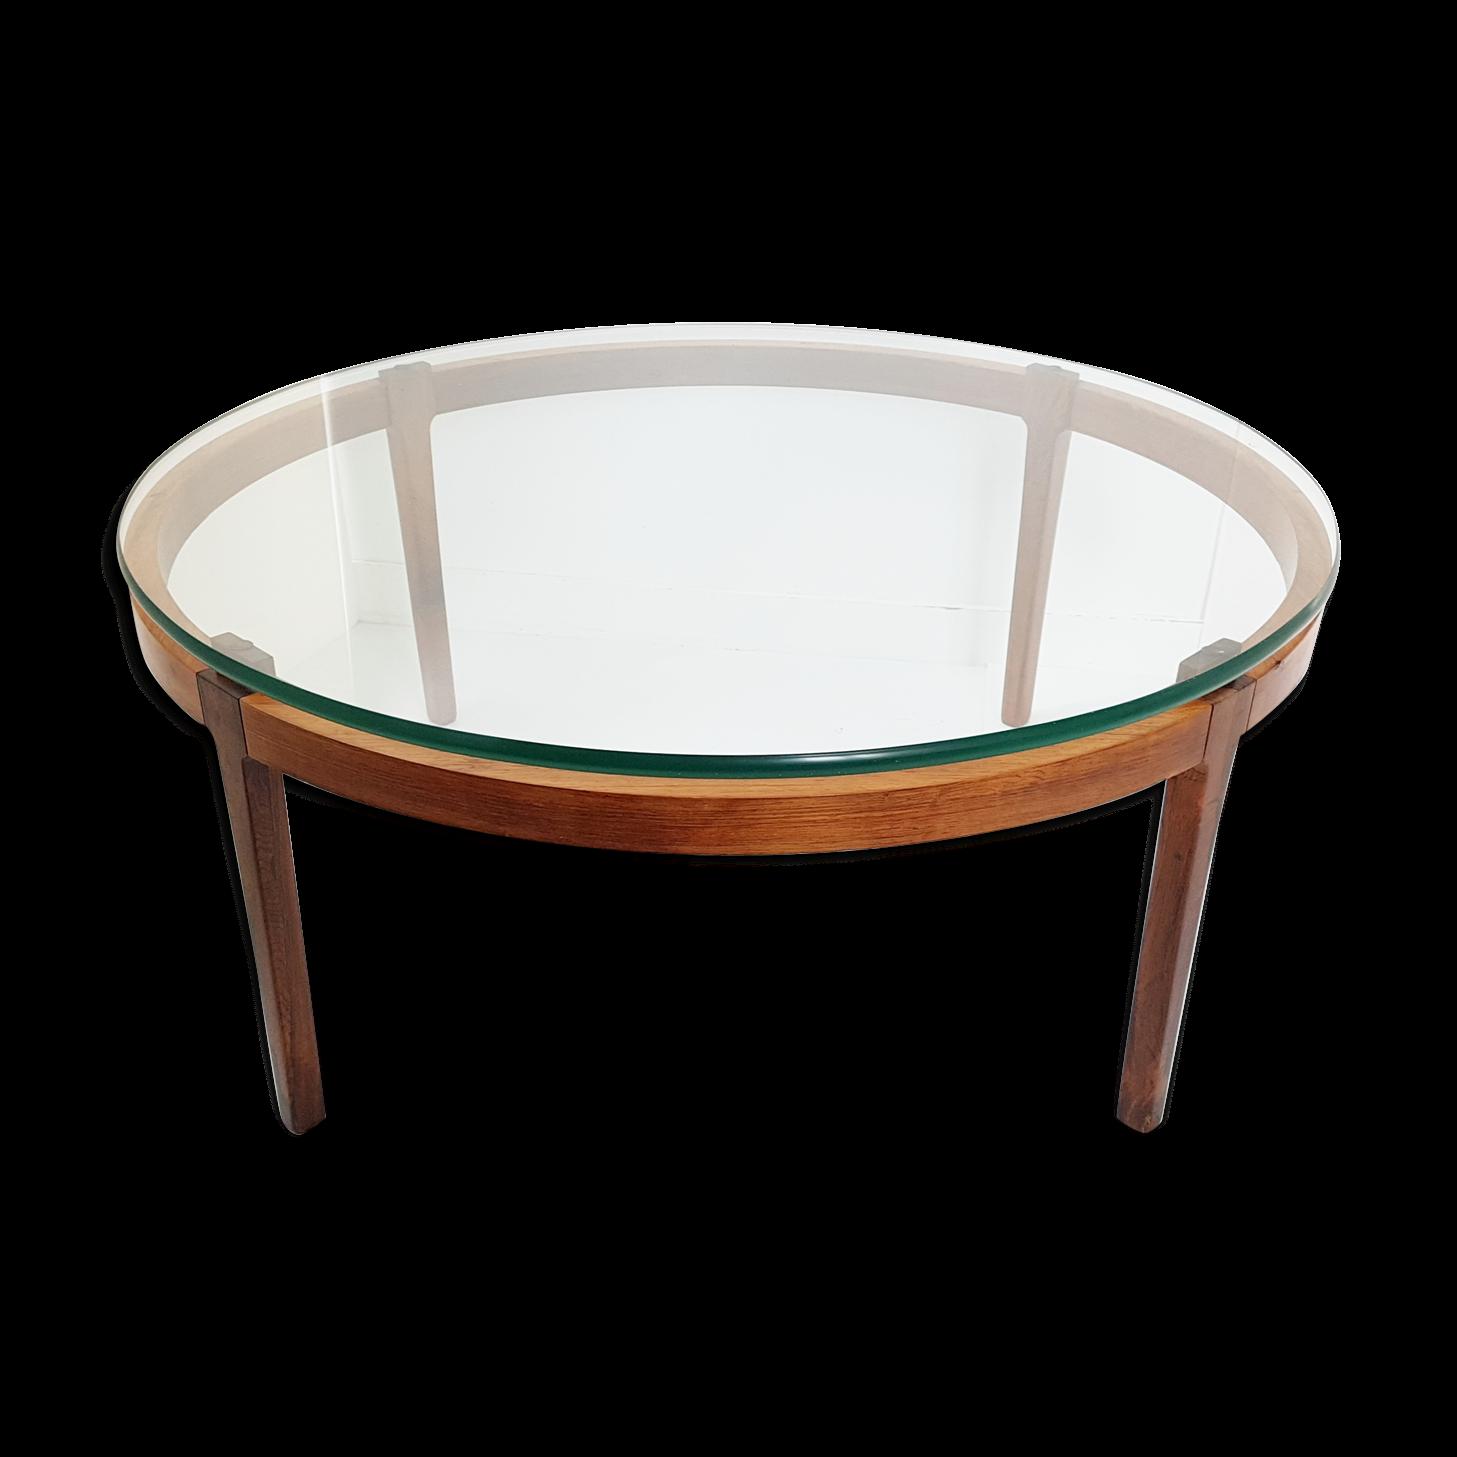 table-basse-ronde-scandinave-en-teck-palissandre-1960_original Luxe De La Redoute Table Basse Scandinave Concept